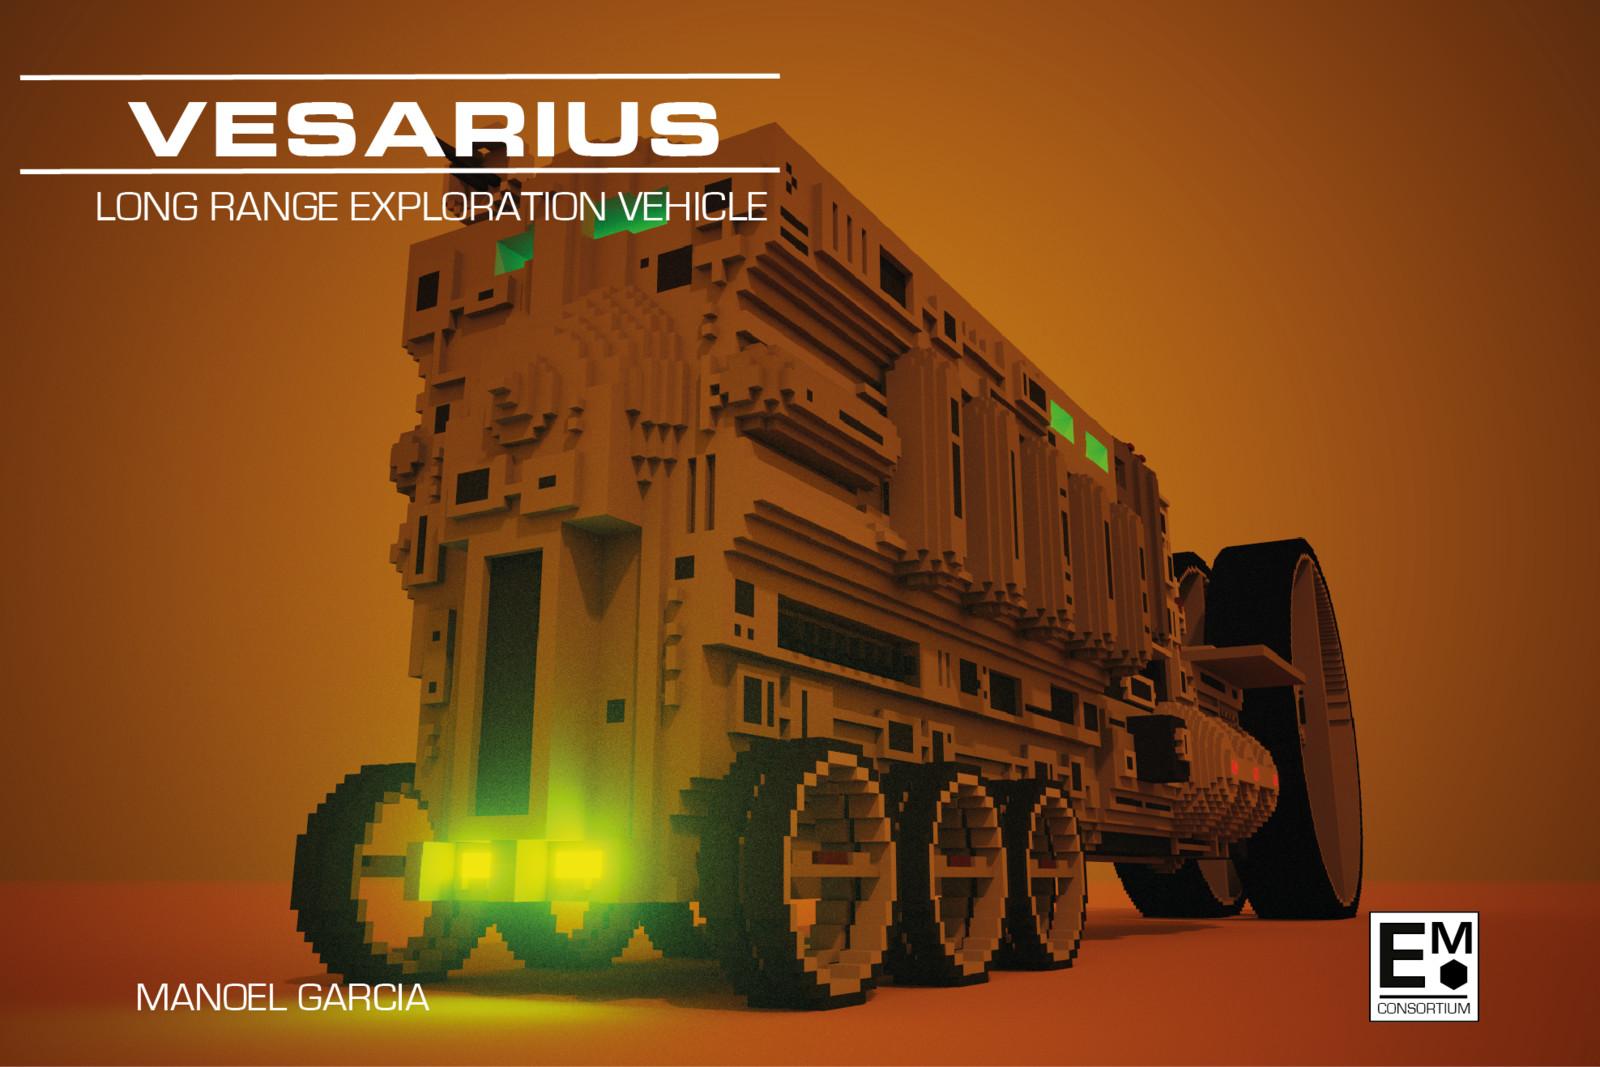 Vesarius